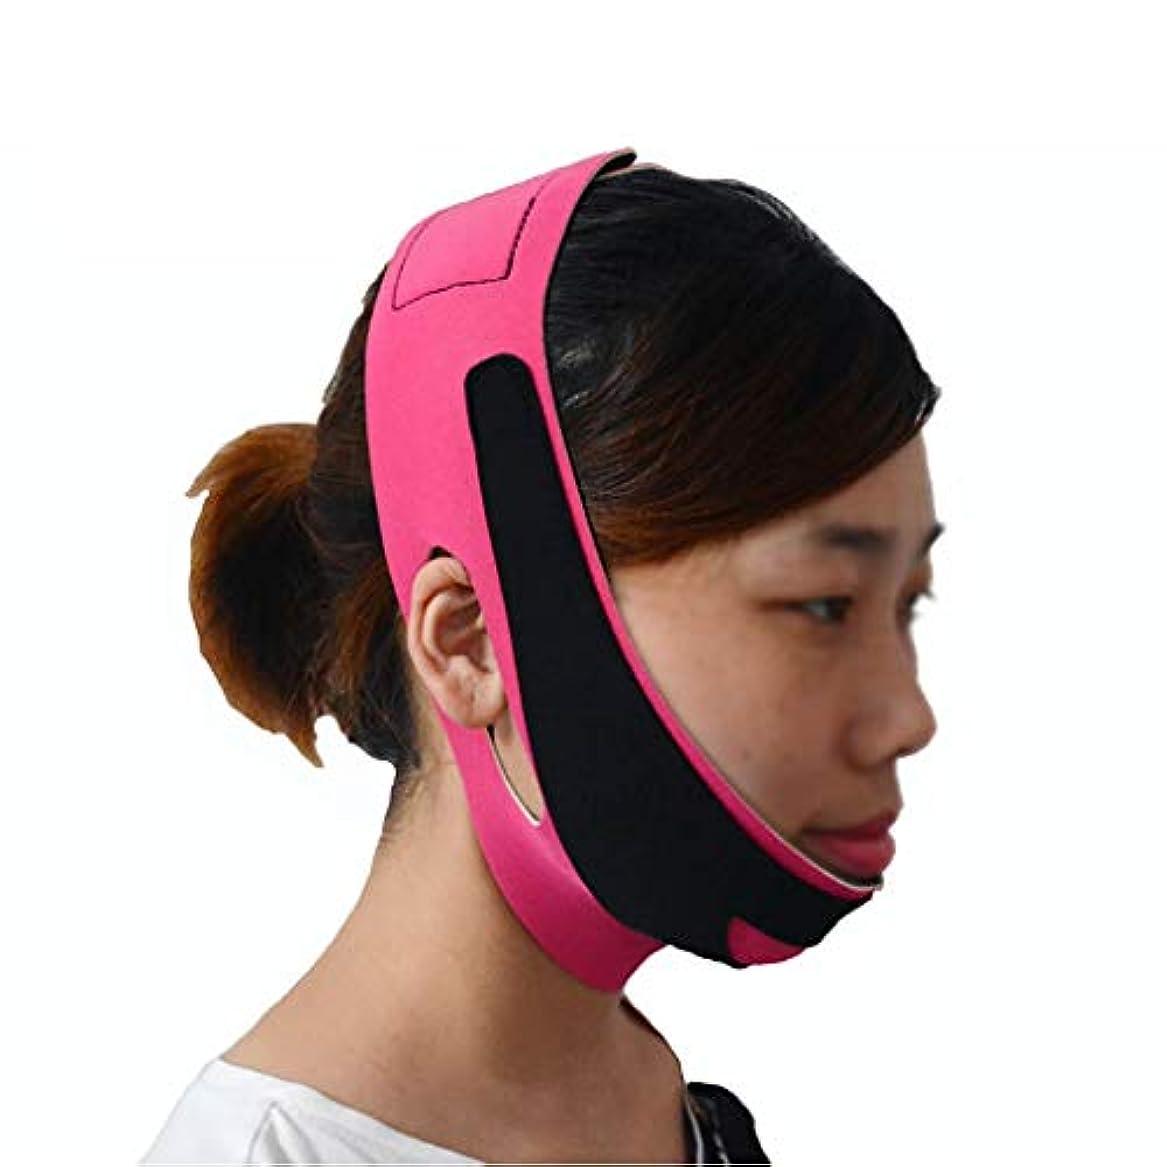 力学閉塞絶縁する顔面マスク、顔面リフトマスク薄い顔をあごに薄く包帯V顔アーティファクトに直面する